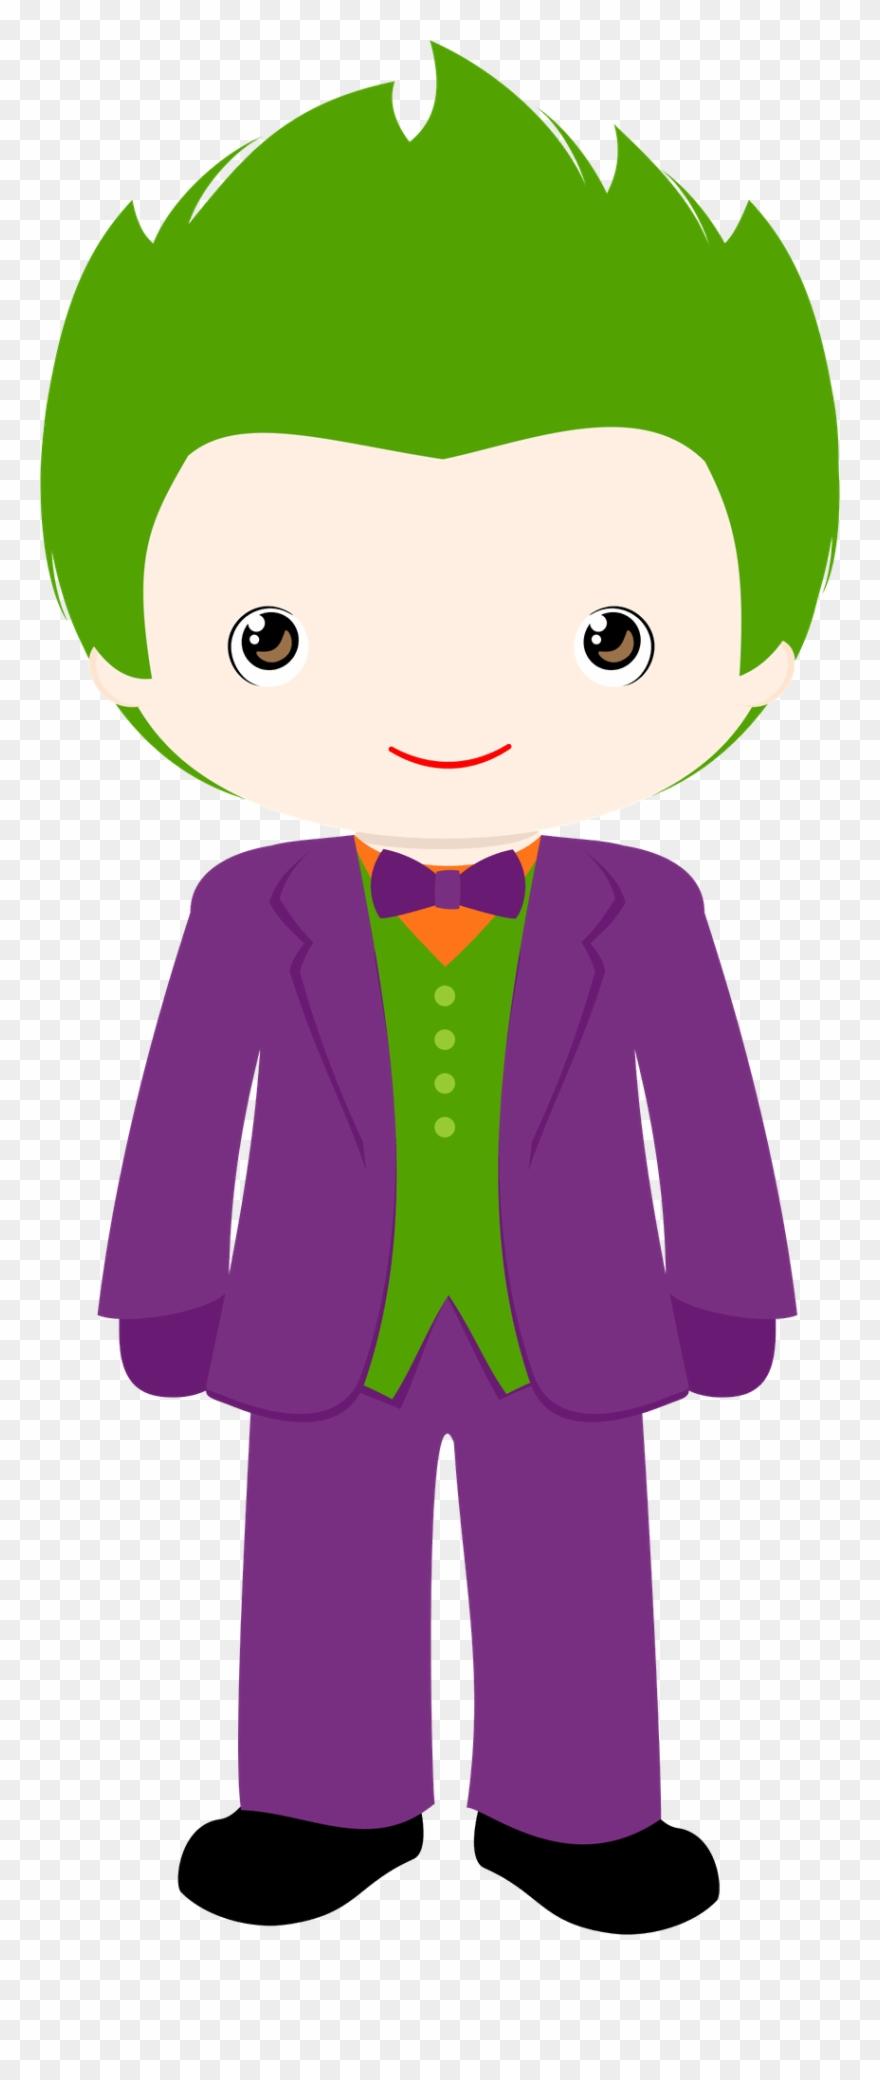 Joker Clipart for you.